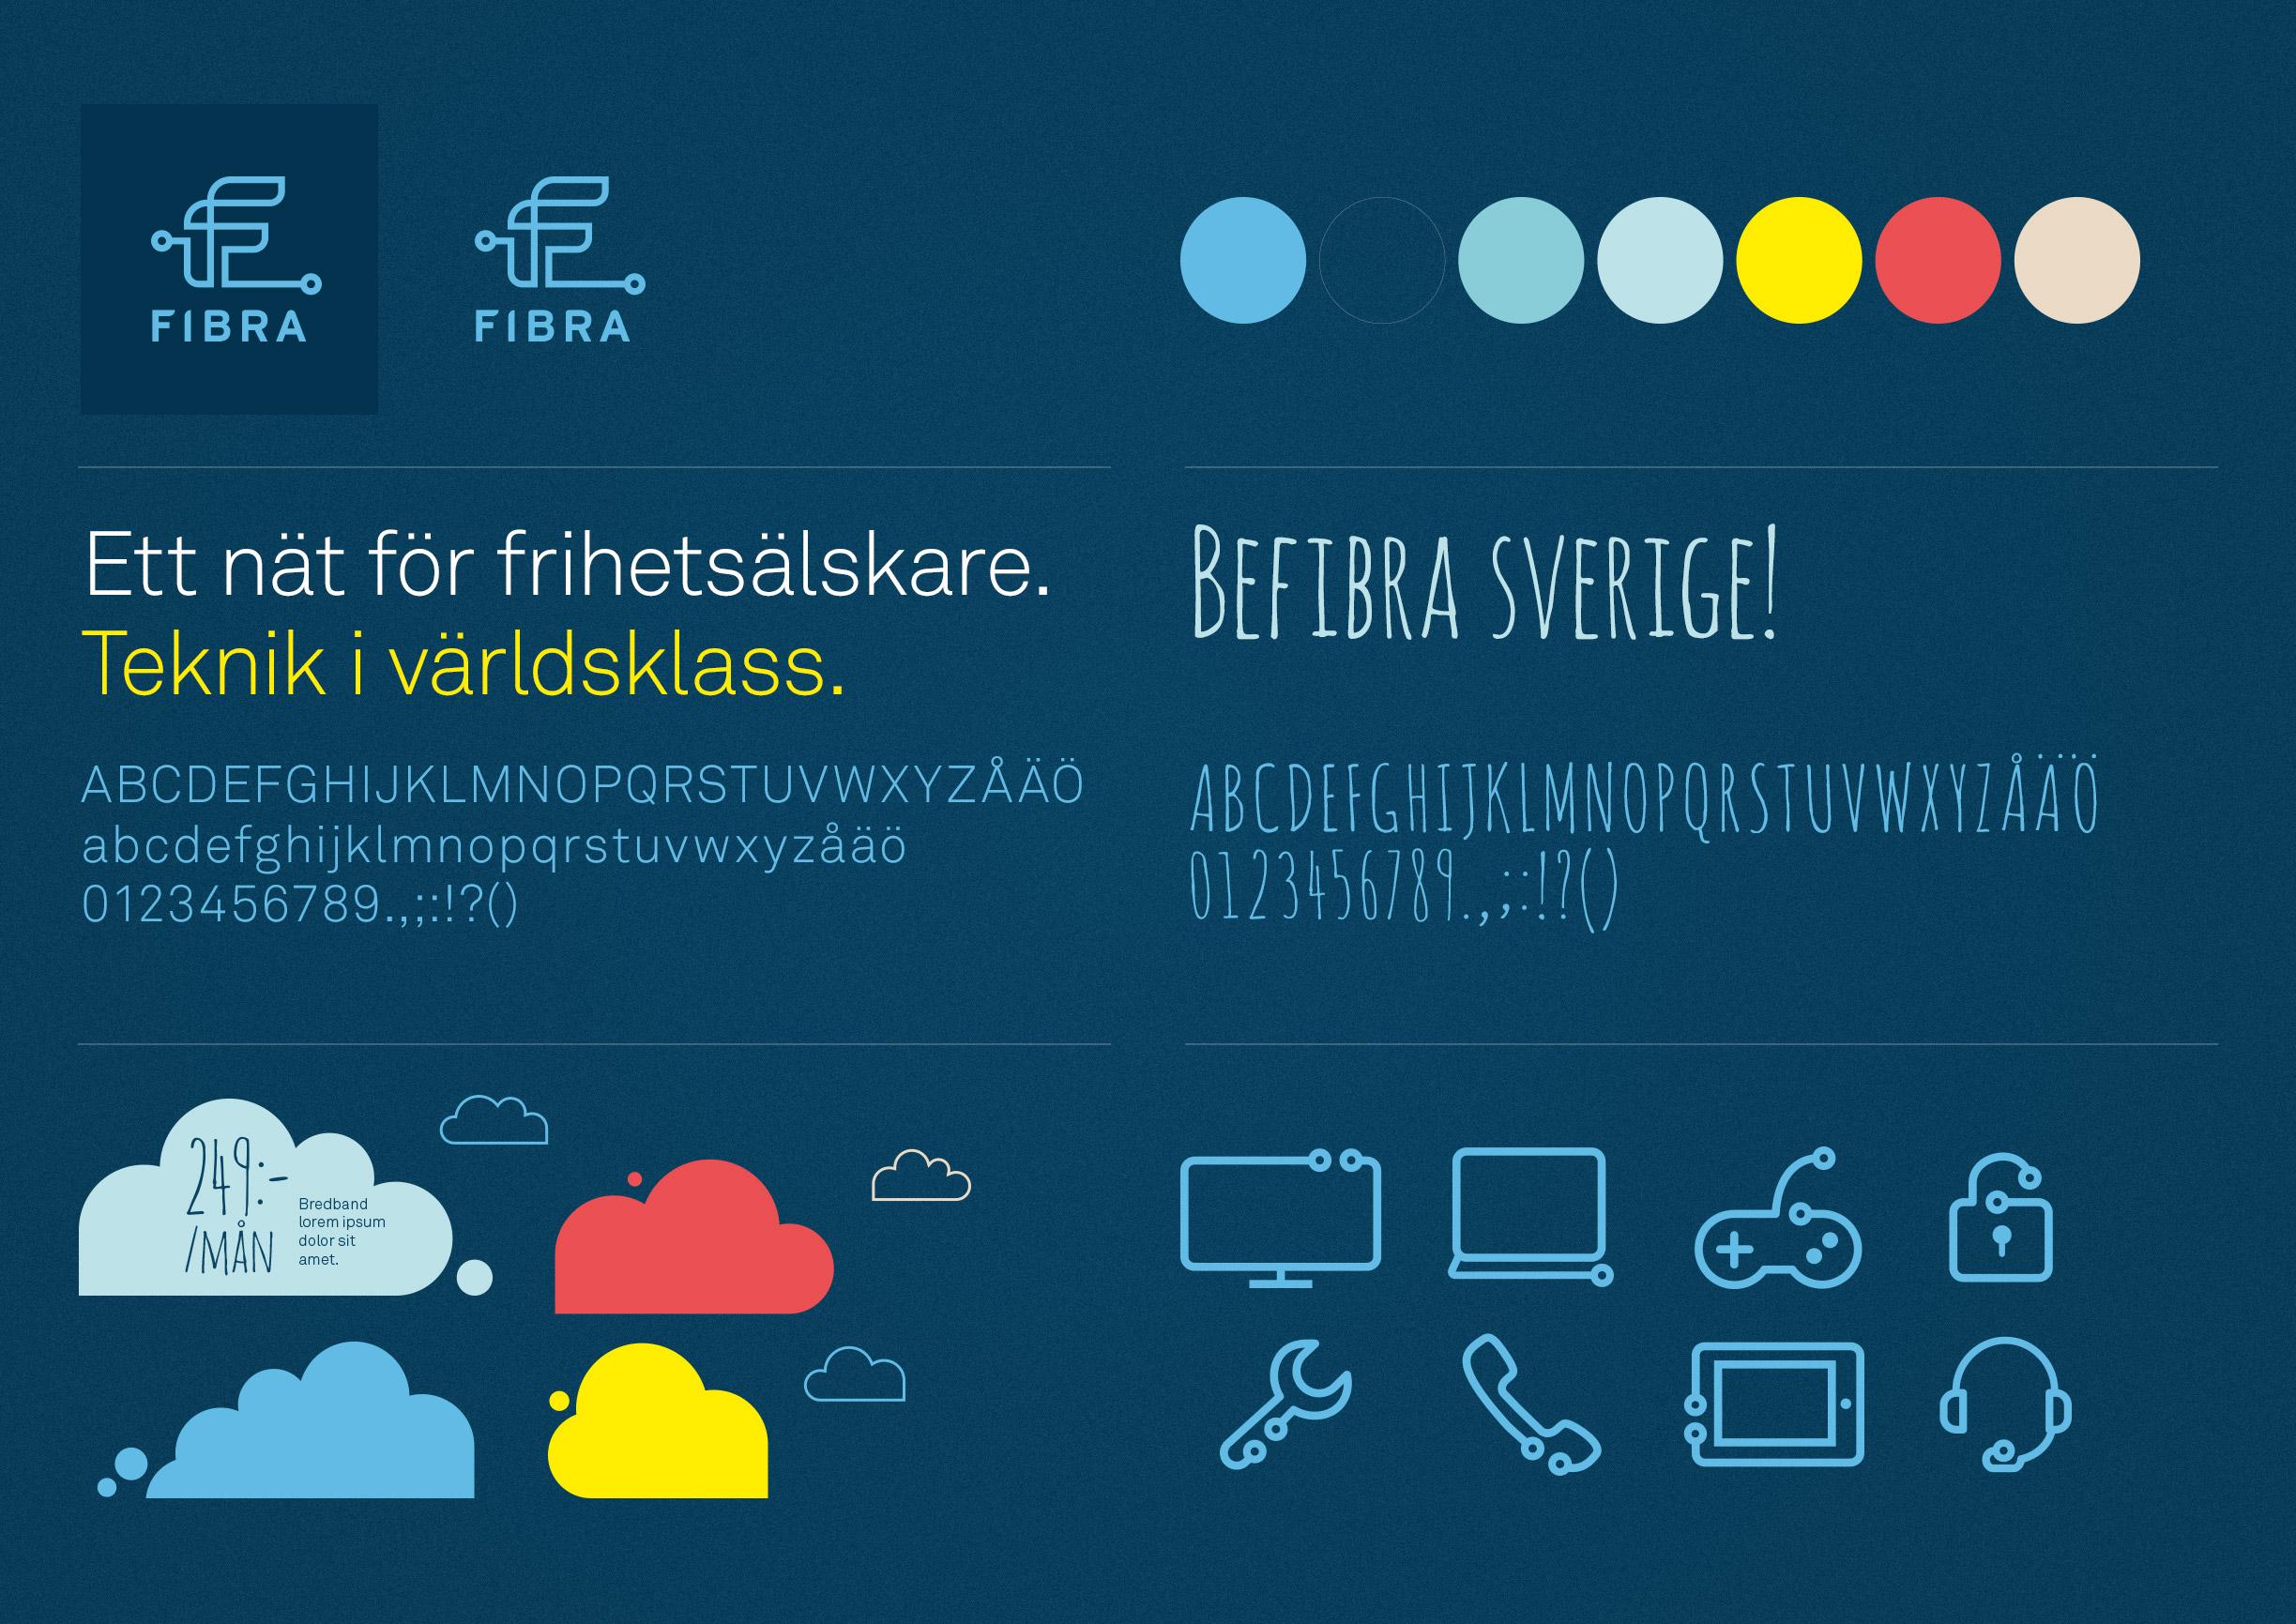 fibra_toolbox